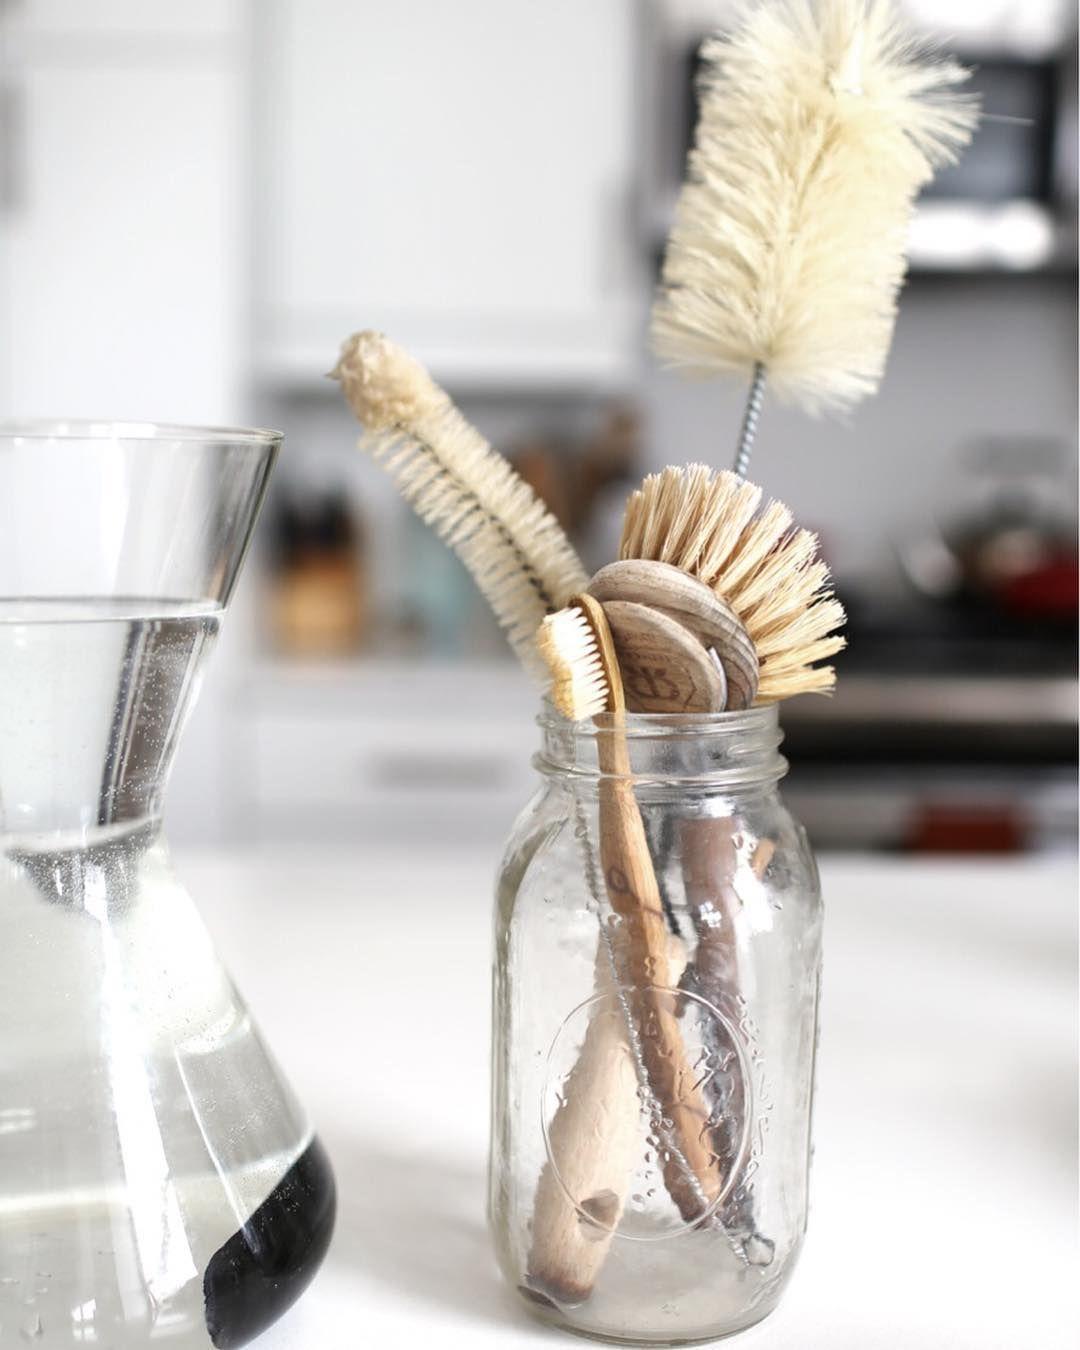 zero waste living in the kitchen a beginner s guide zero waste kitchen dish washing brush on zero waste kitchen interior id=82110